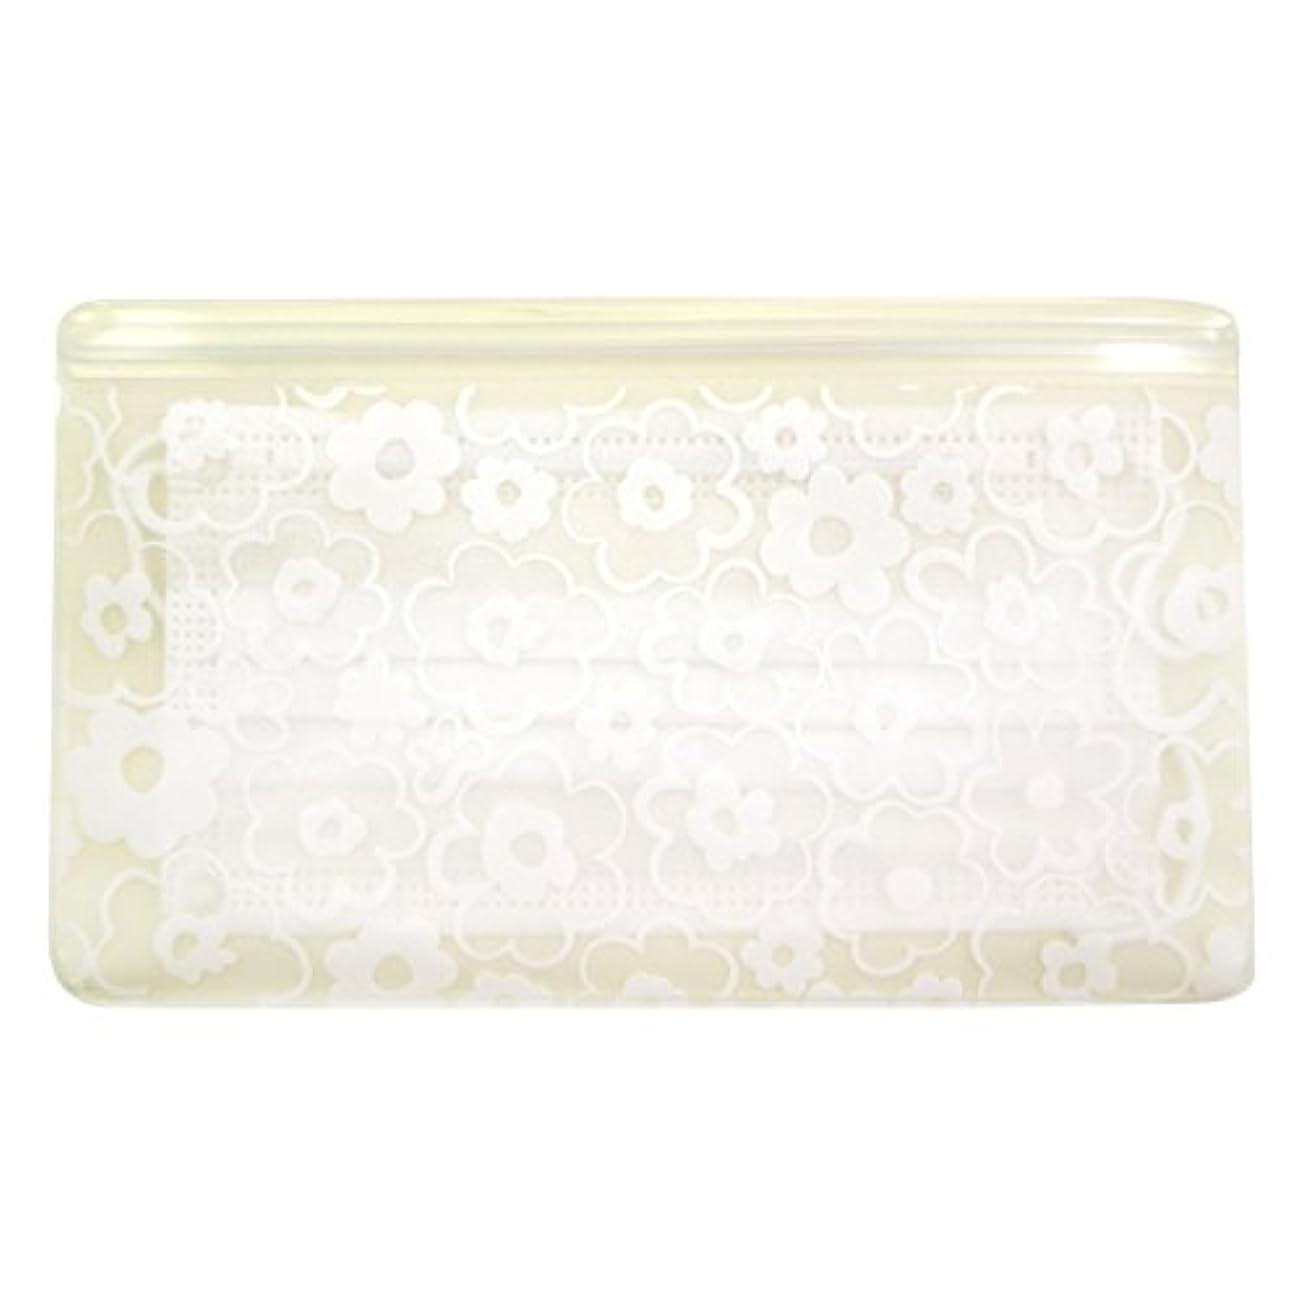 抗菌マスクケース Wポケット 花柄ホワイト いやあらっくす